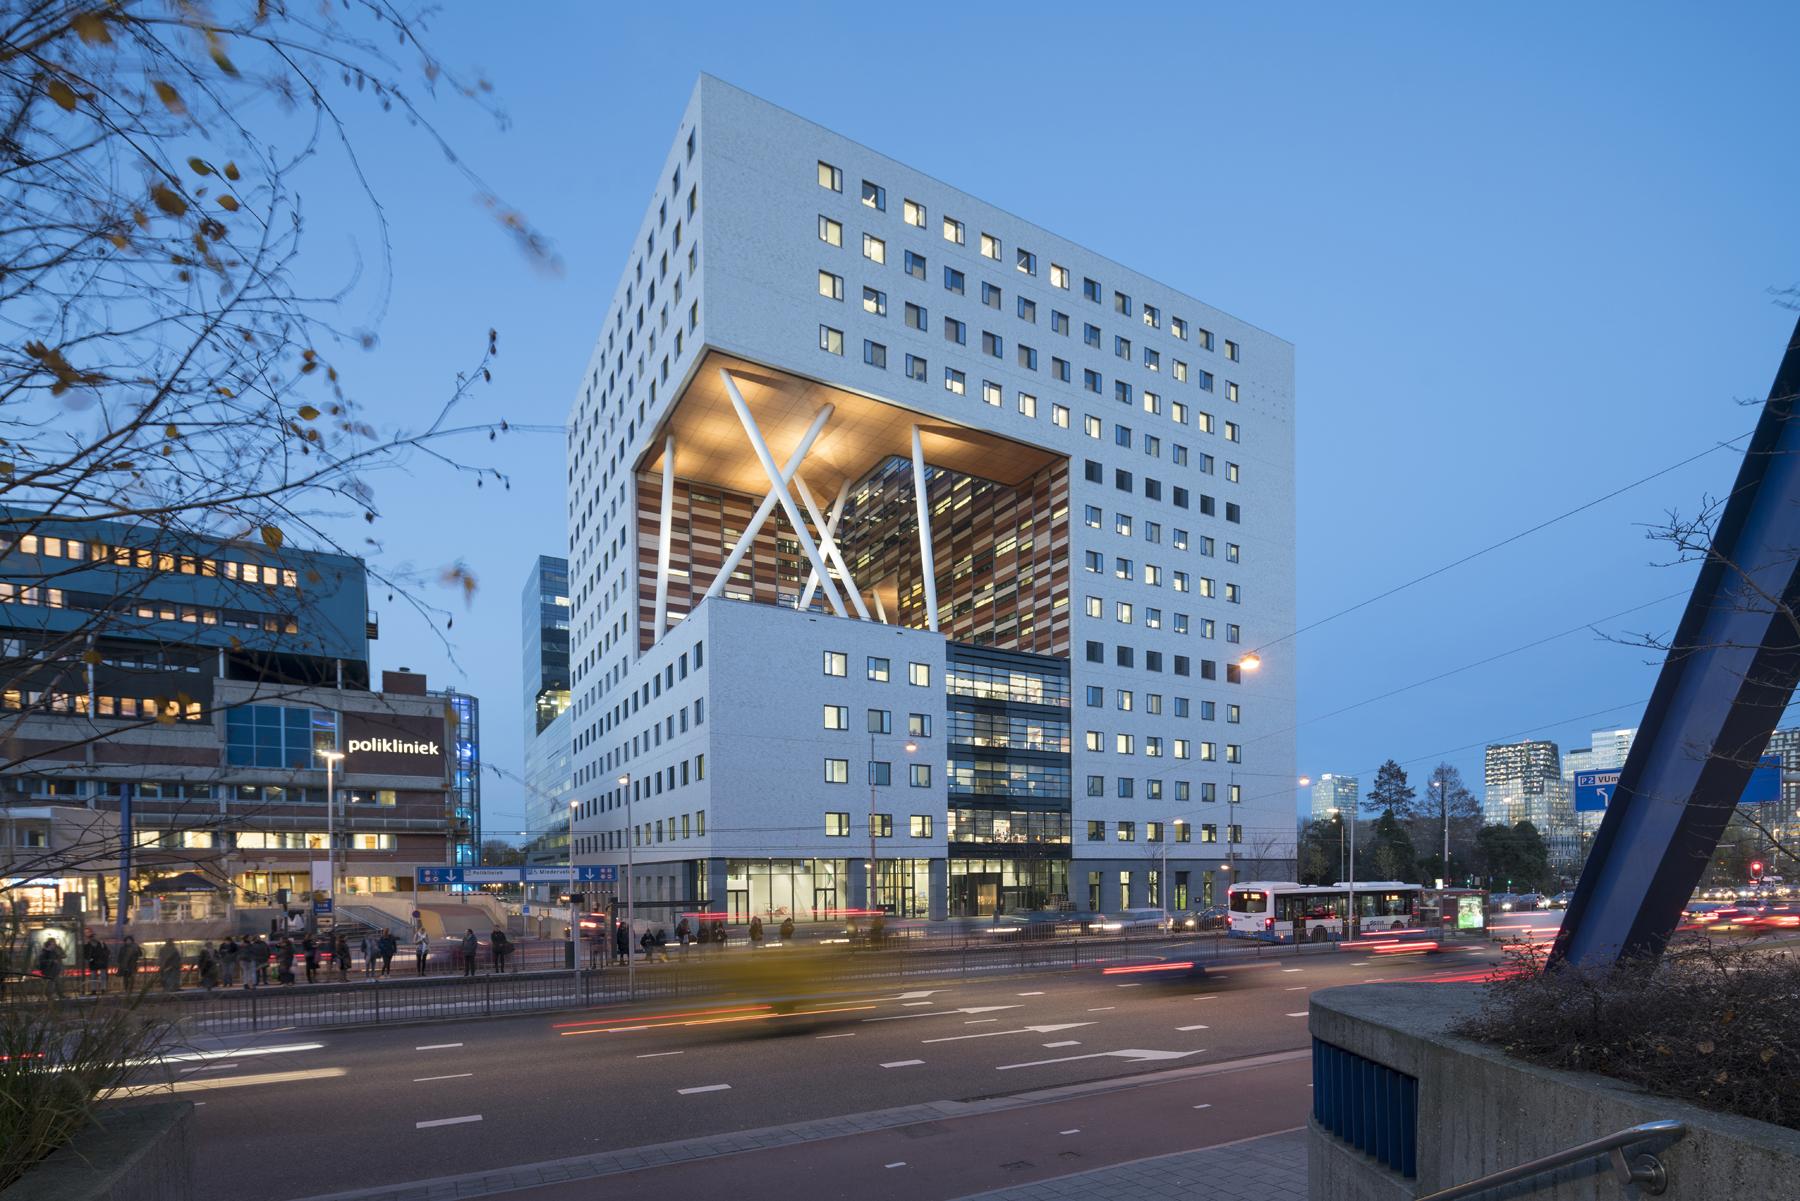 <p>O|2 Labgebouw bij avond (c) Ossip van Duivenbode</p>